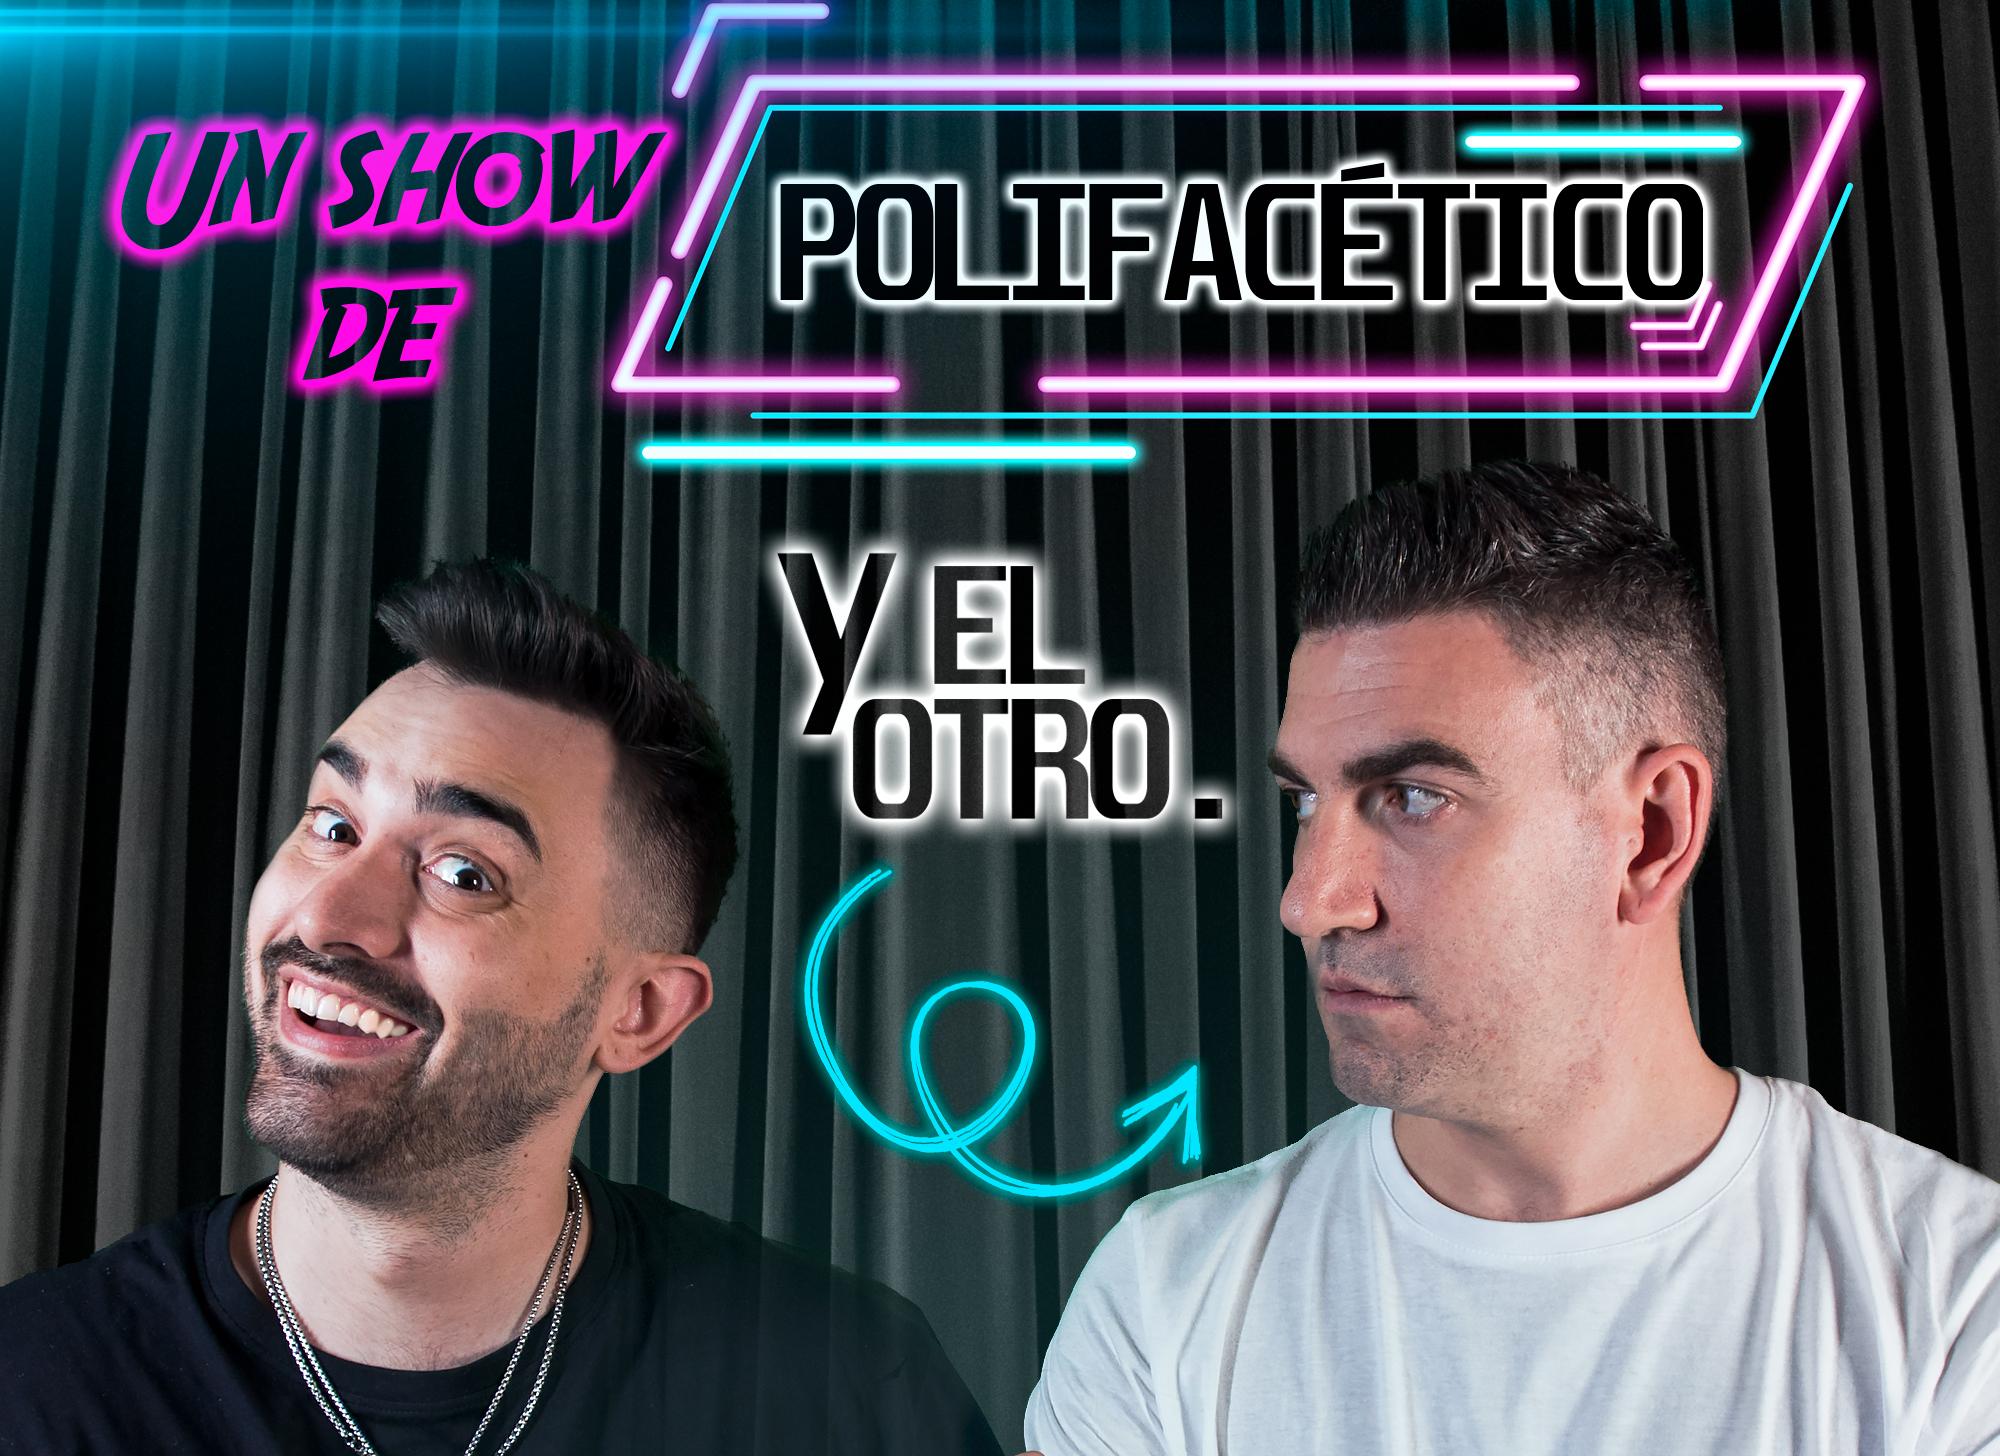 «Hermanos», un show de Polifacético y el otro